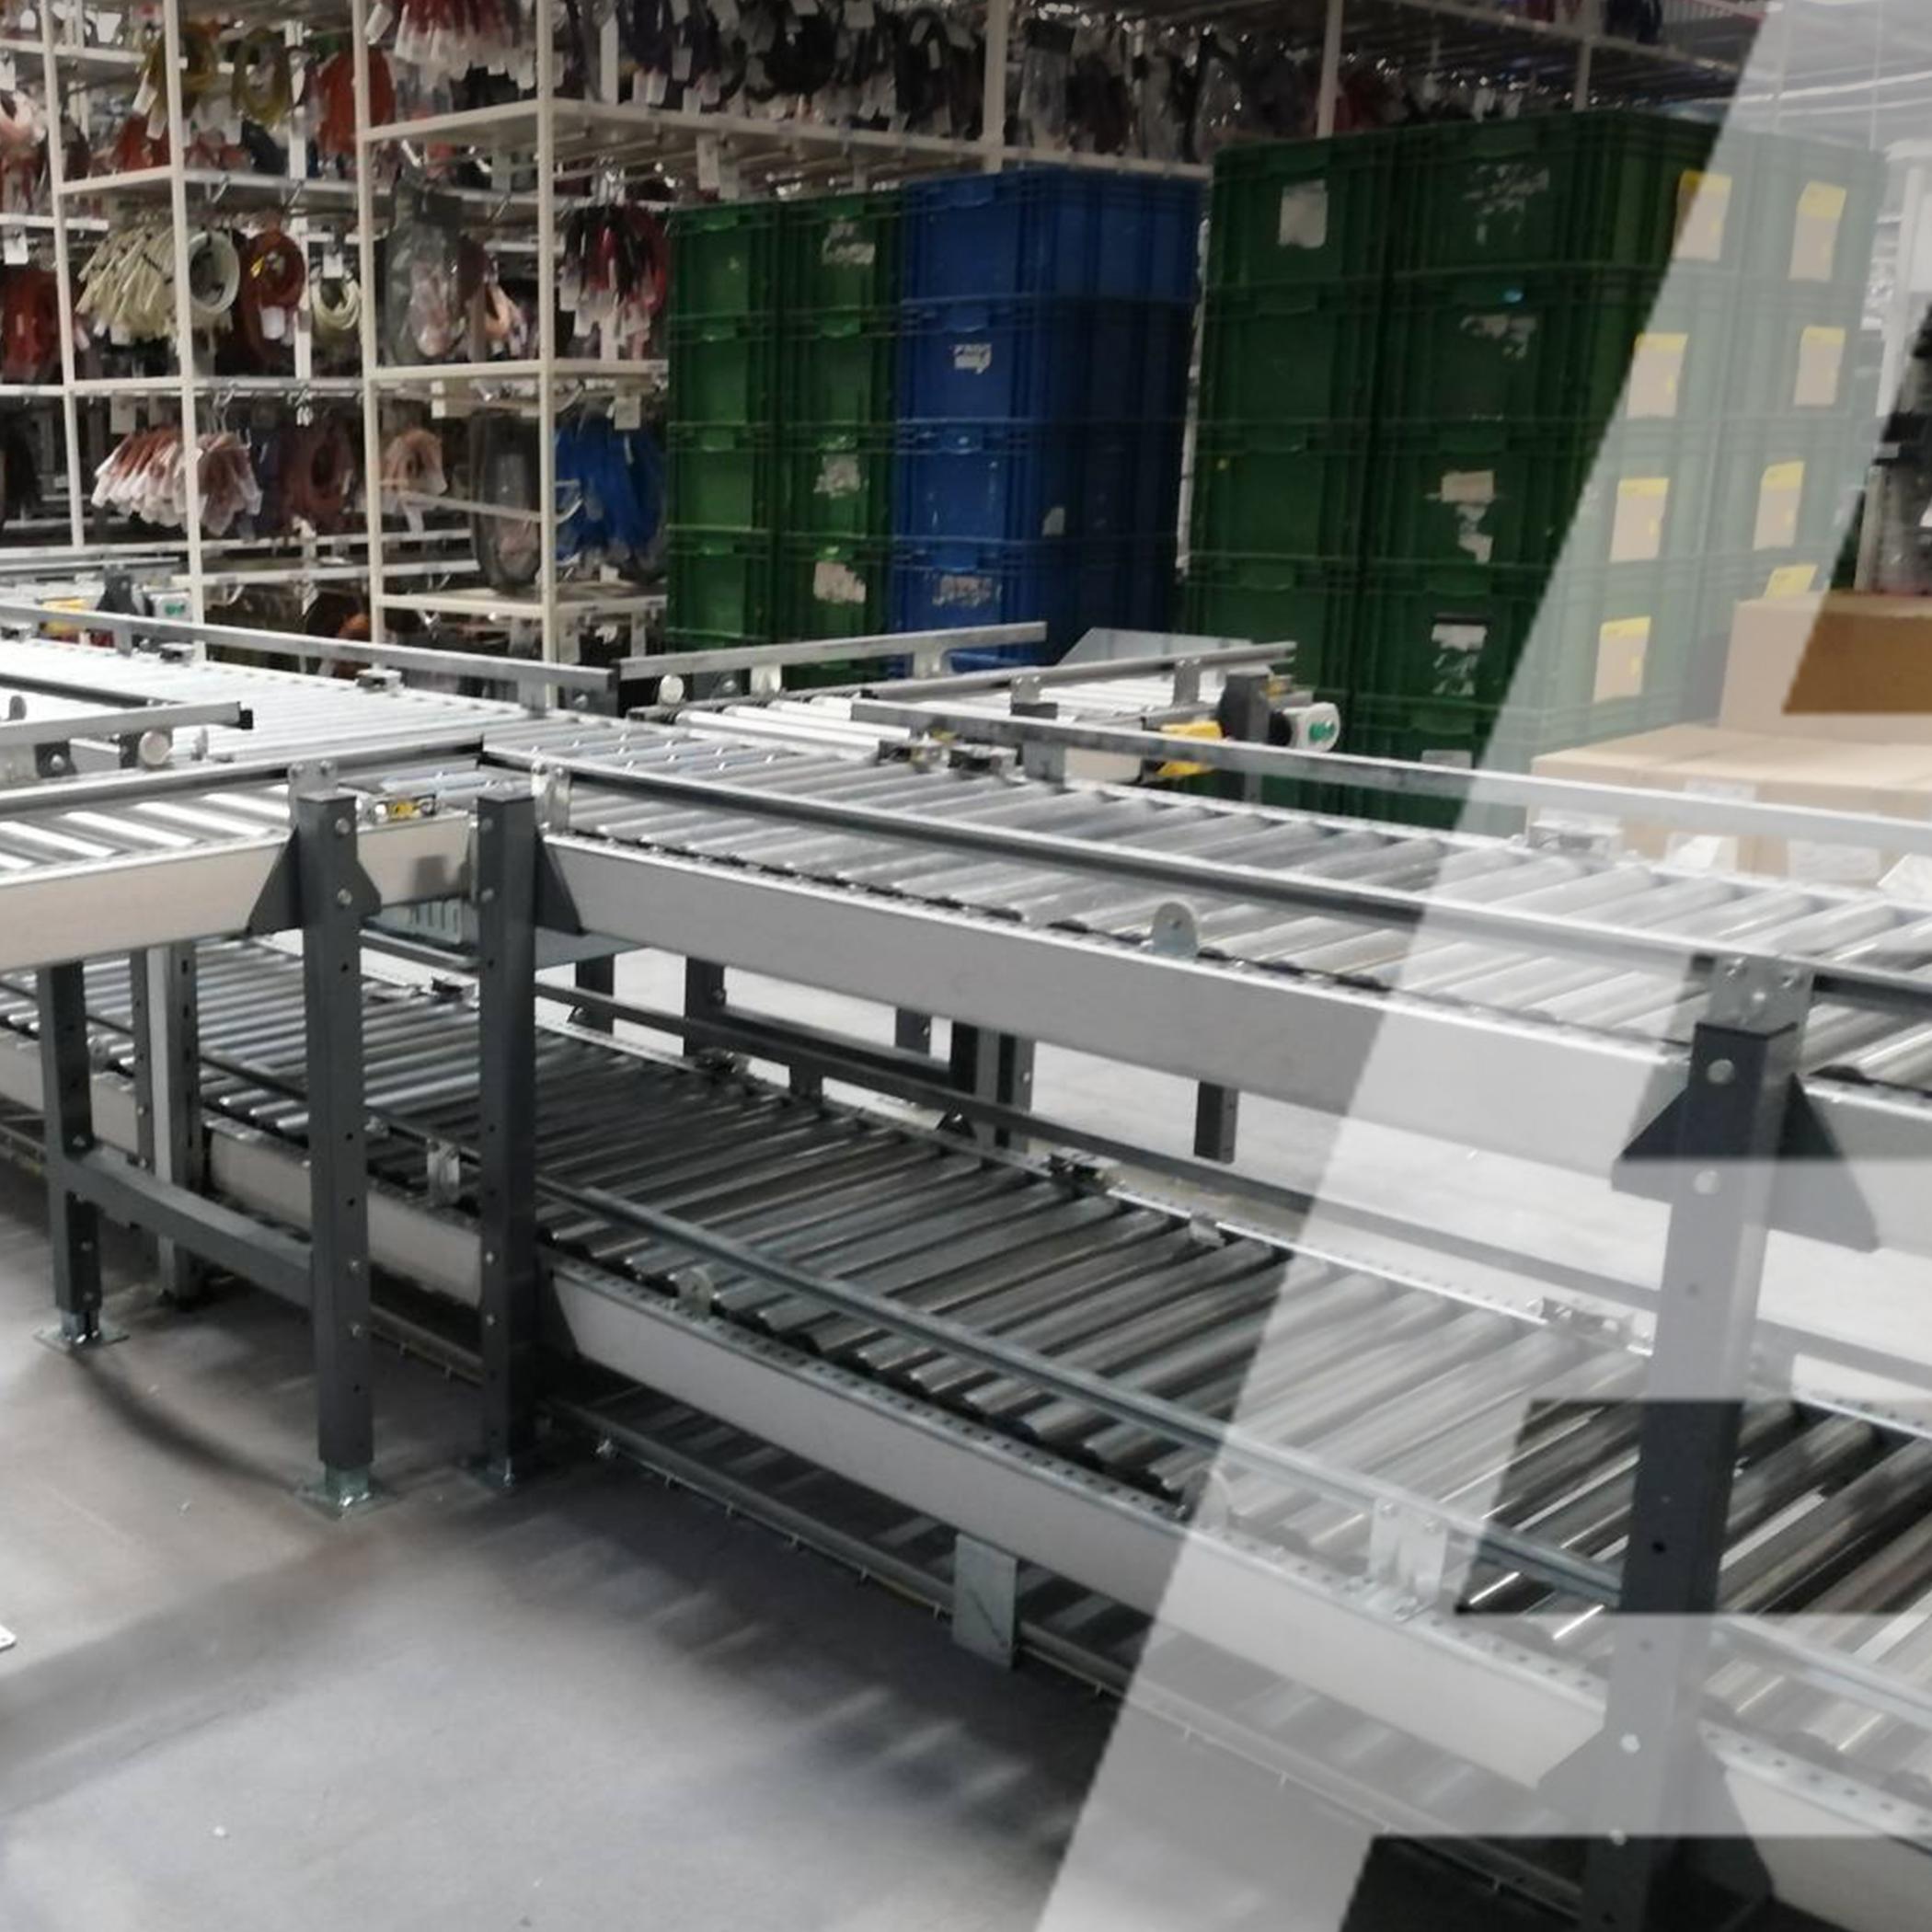 Автоматизированная двухуровневая конвейерная система и робот-манипулятор - 4 - kapelou.com